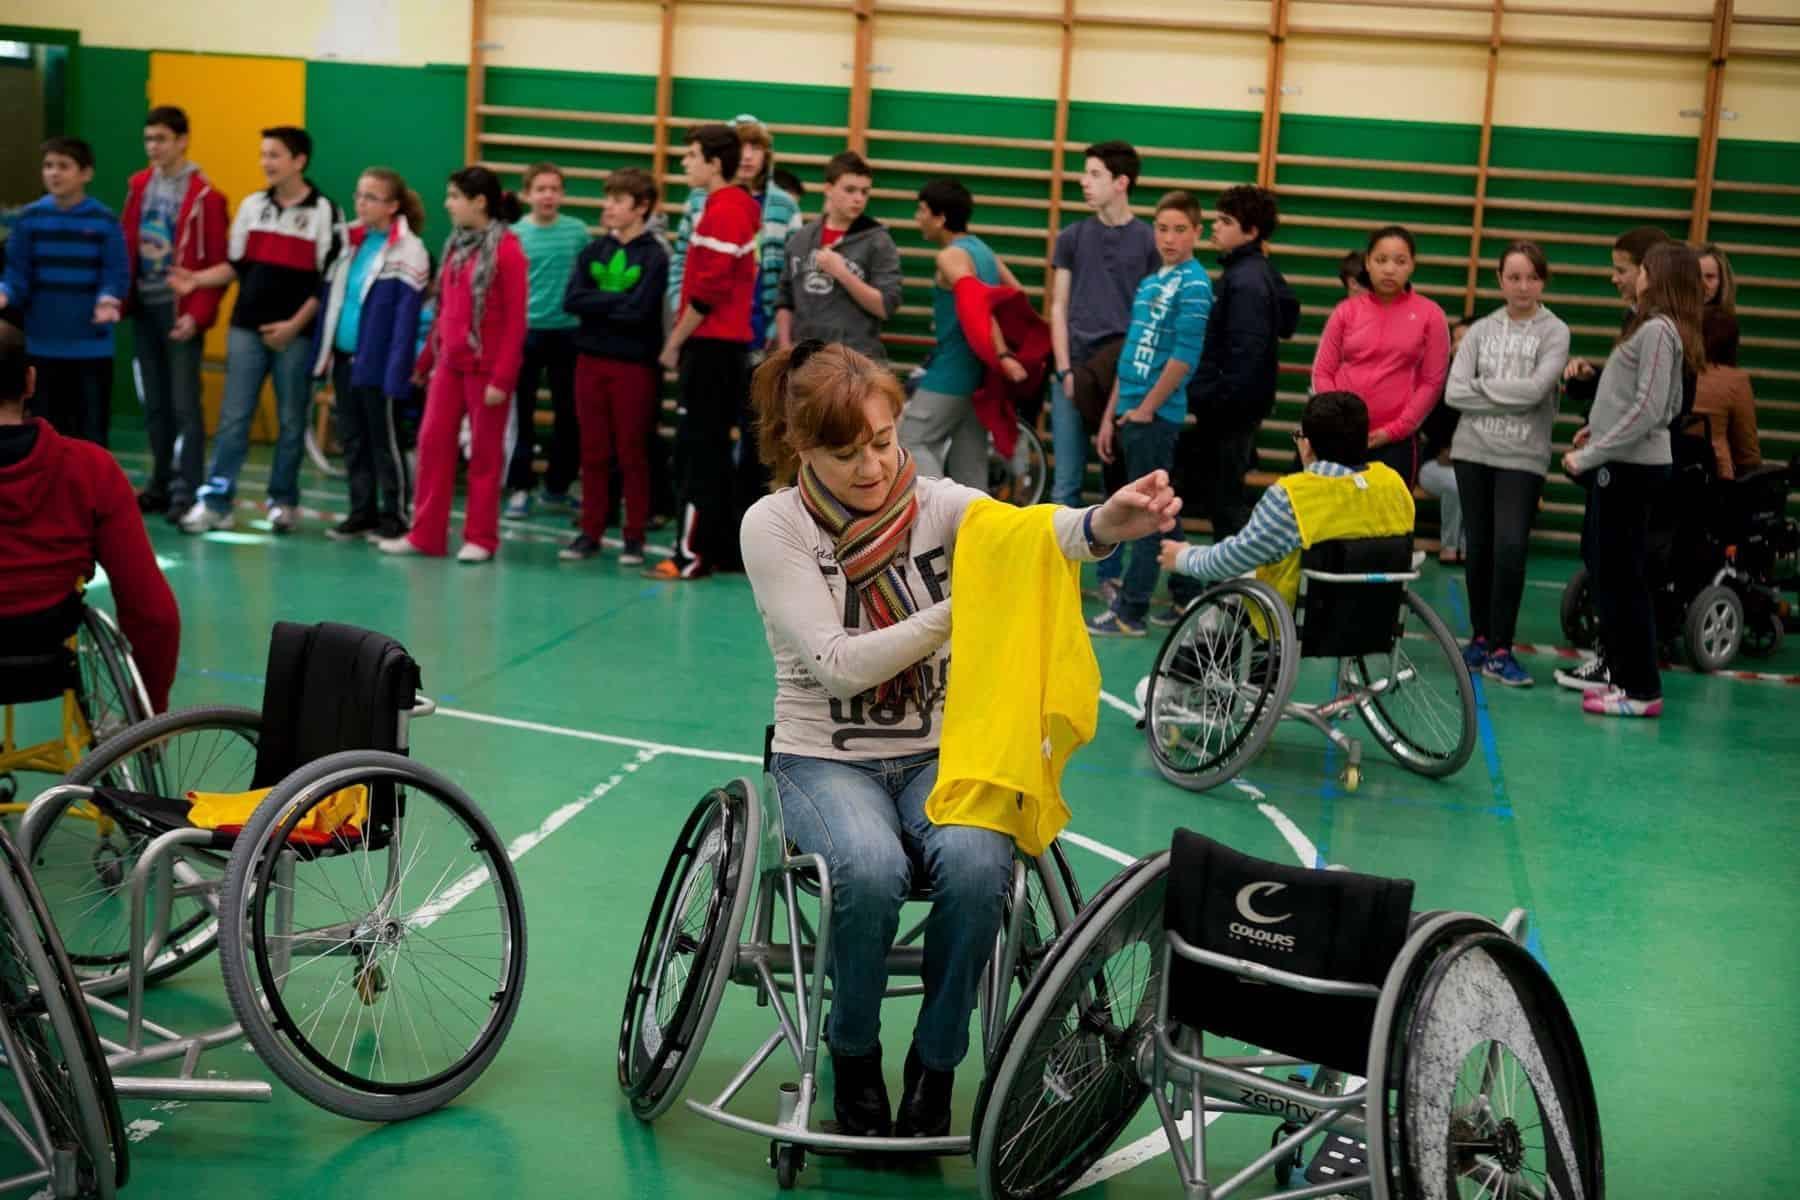 Blanca en una silla de ruedas de baloncesto | Fund También